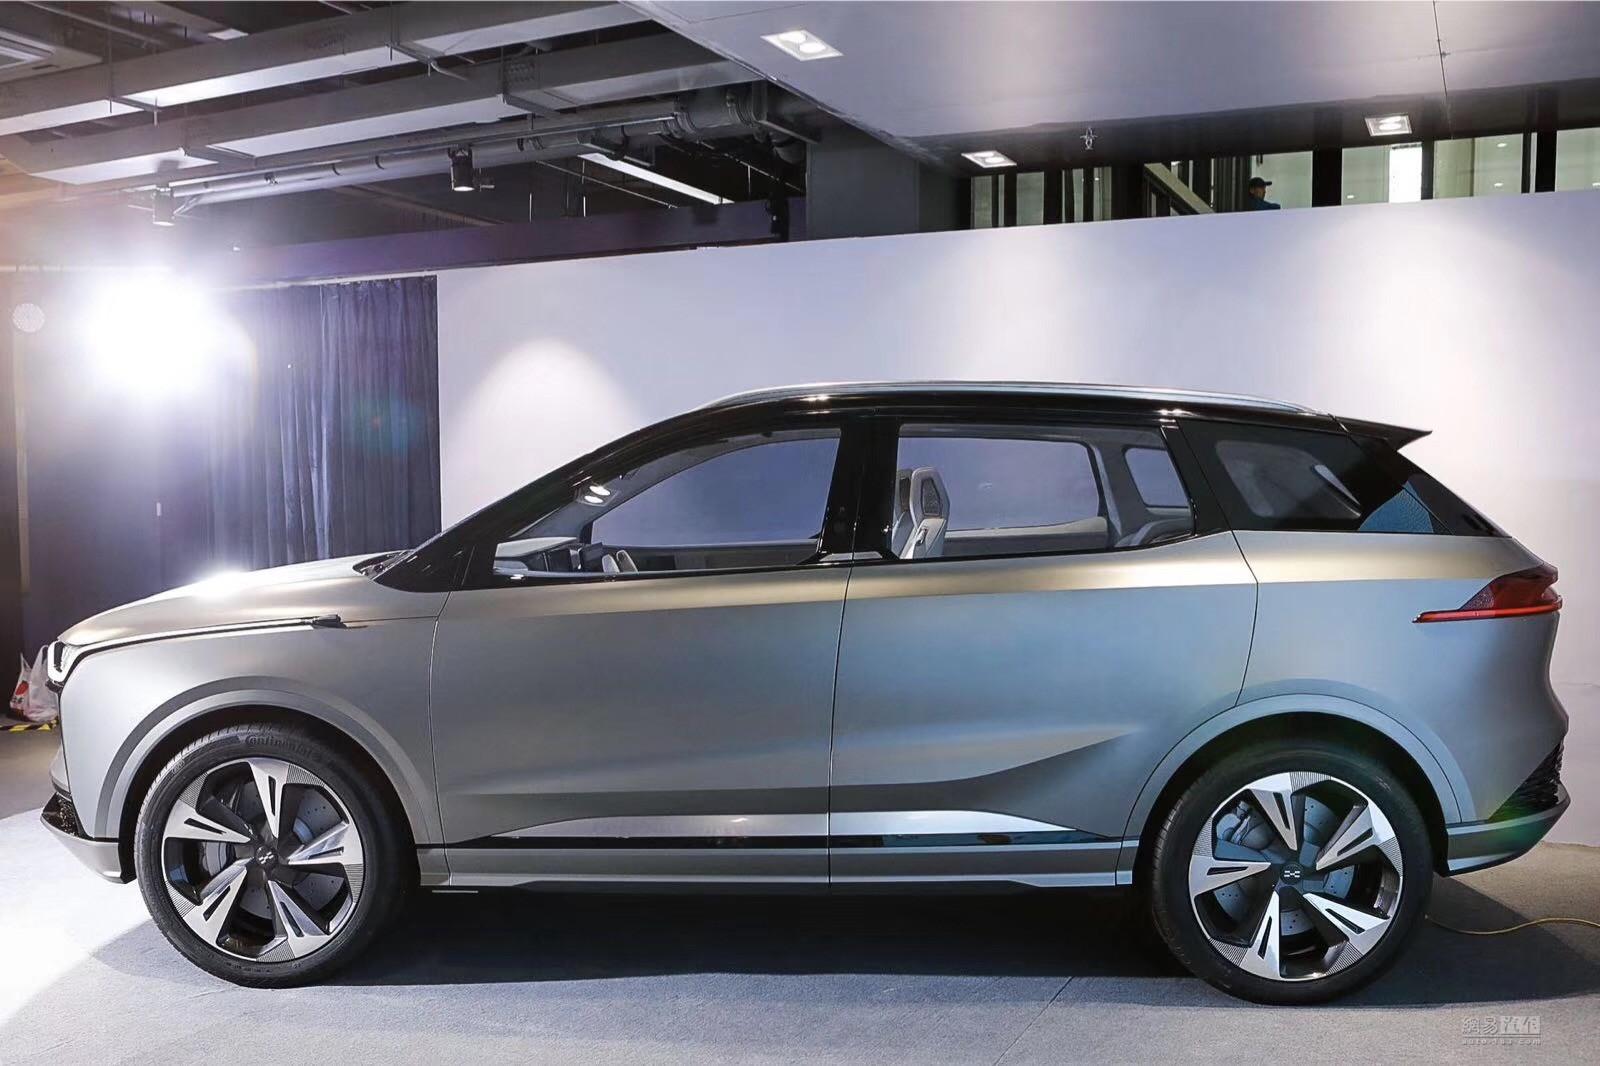 爱驰首款产品U5 ION亮相 预计在2019年上市